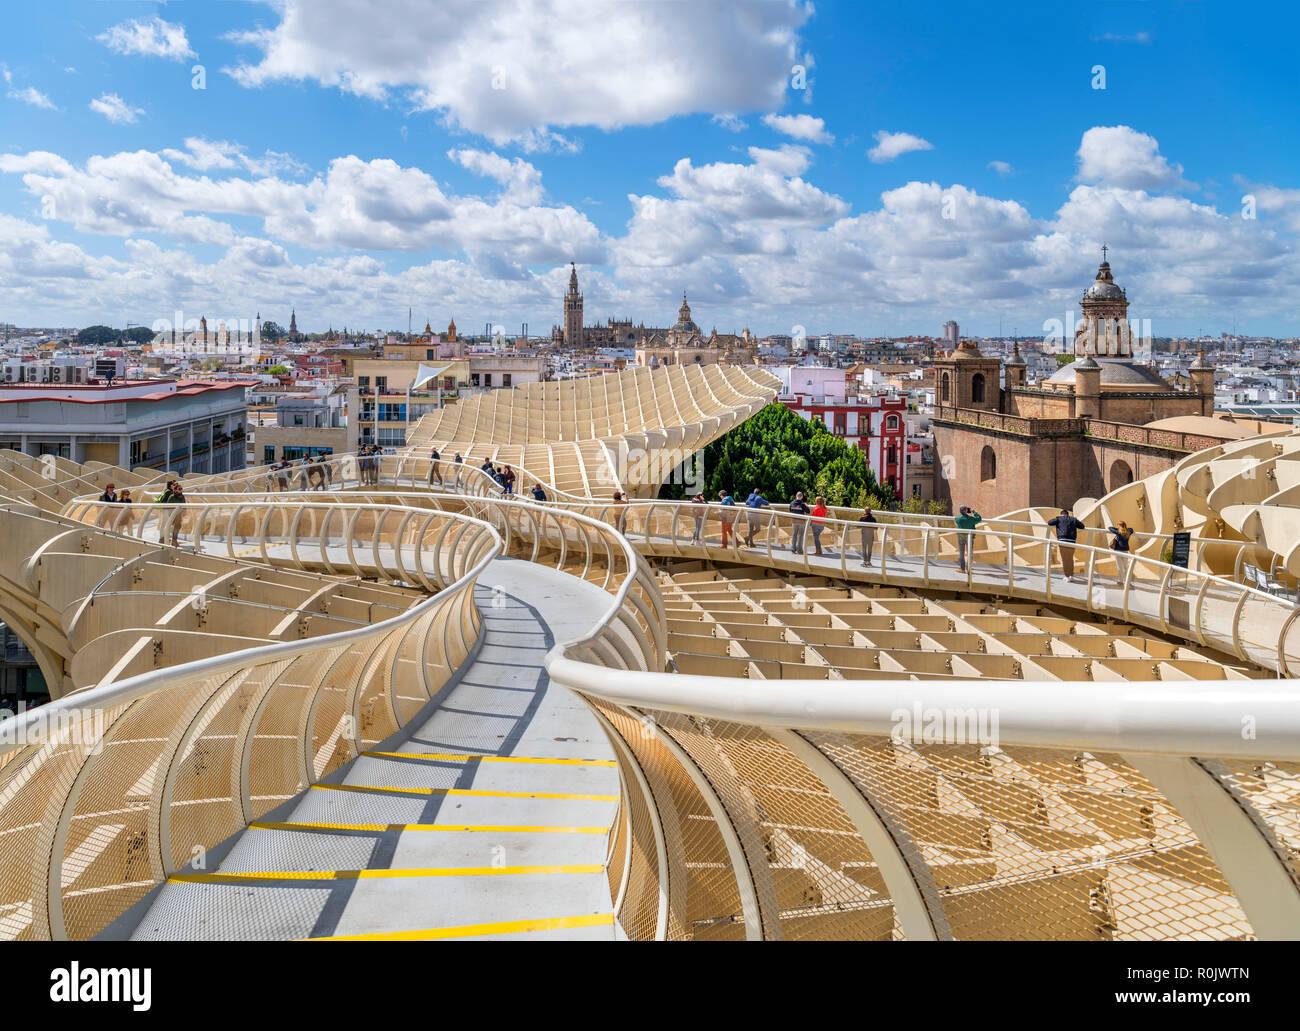 Rooftop walkway looking over the old town, Las Setas ( Metropol Parasol ), Plaza de la Encarnacion, Seville ( Sevilla ), Andalucia, Spain - Stock Image